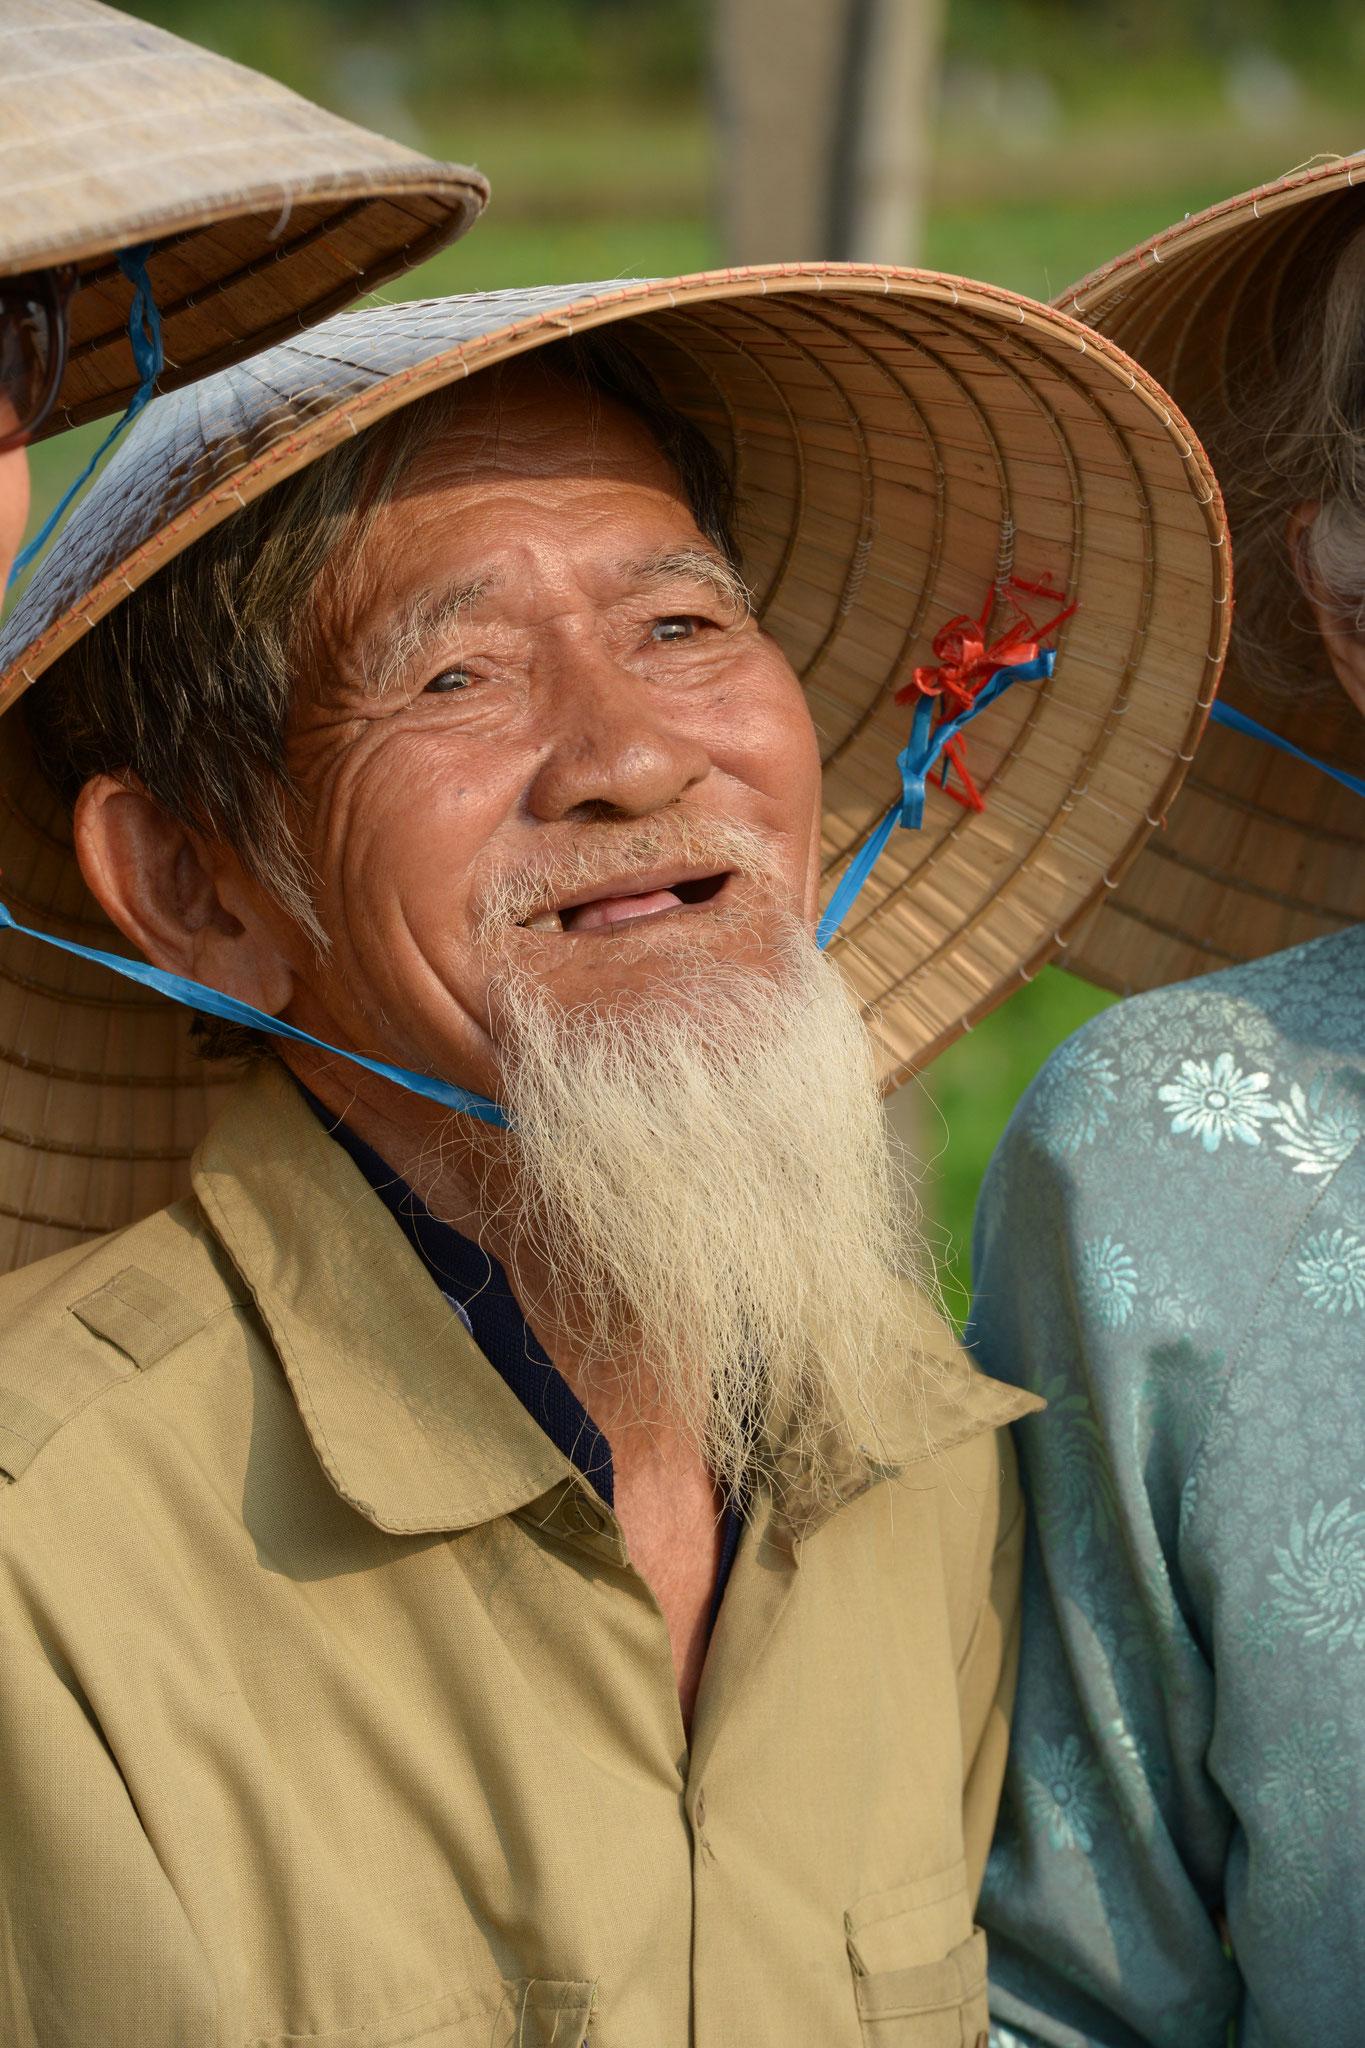 Die langersehnten Bilder von Einheimischen mit dem typischen Hut